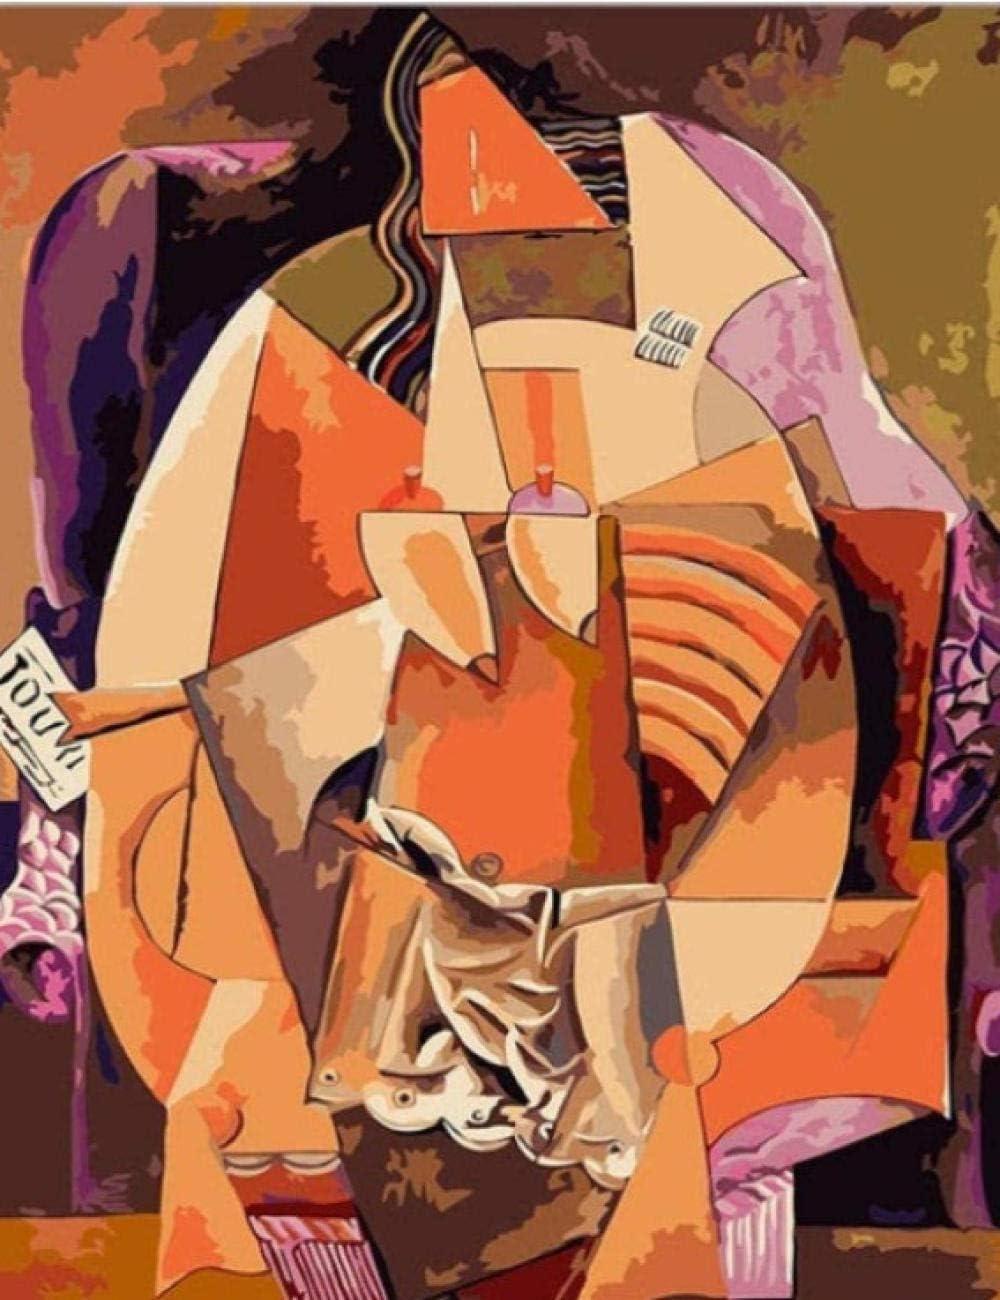 Diy Pintura al óleo Digital Picasso Pintura abstracta Música abstracta Cuadro Pintura Números & amp; Kits Decoración de habitación de hotel 40X50Cm sin marco